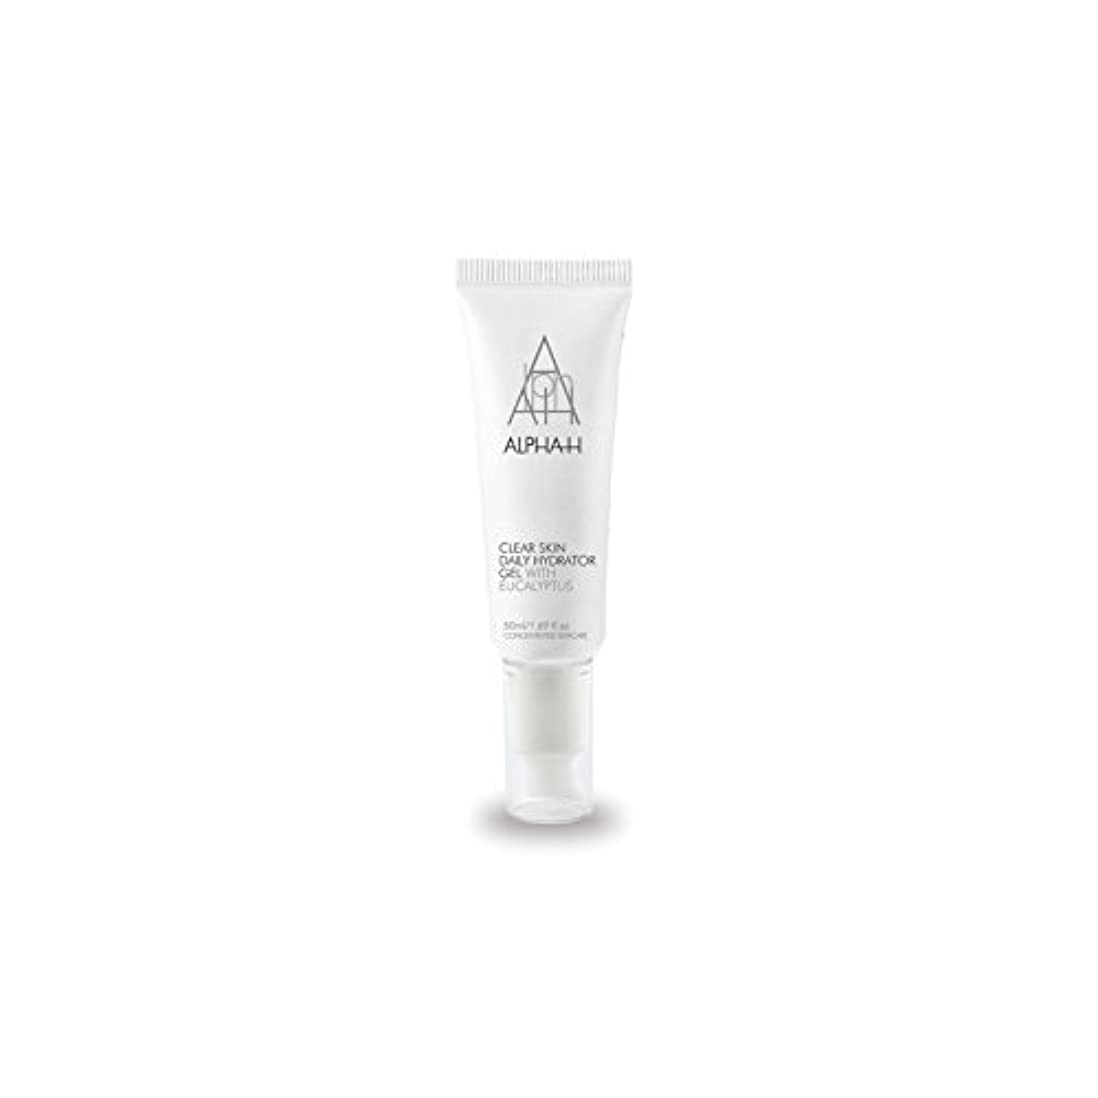 を除く選挙祈るアルファクリア皮膚毎日ハイドレーターゲル(50)中 x2 - Alpha-H Clear Skin Daily Hydrator Gel (50ml) (Pack of 2) [並行輸入品]